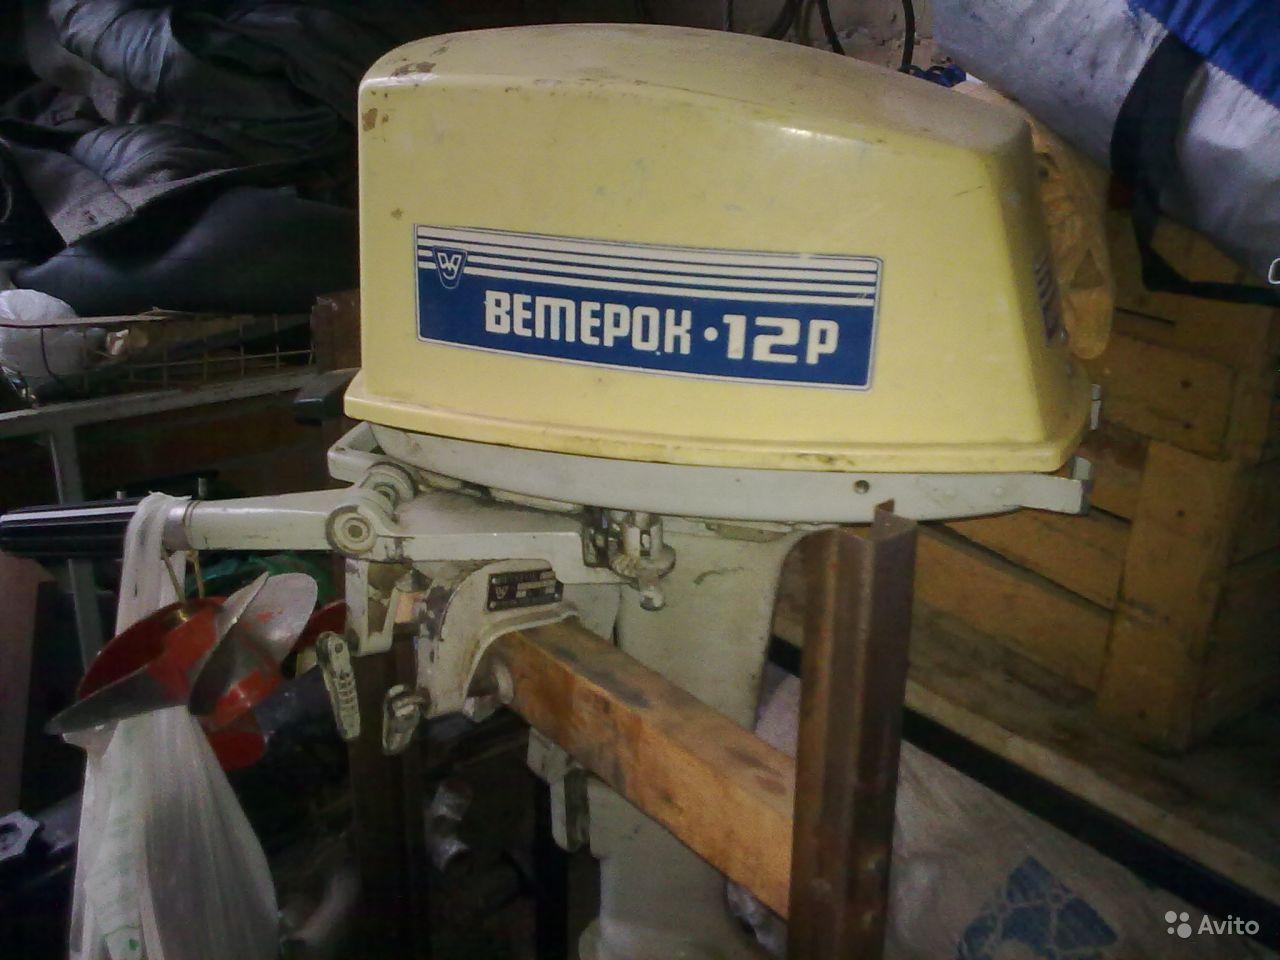 мотор Ветерок-12Р